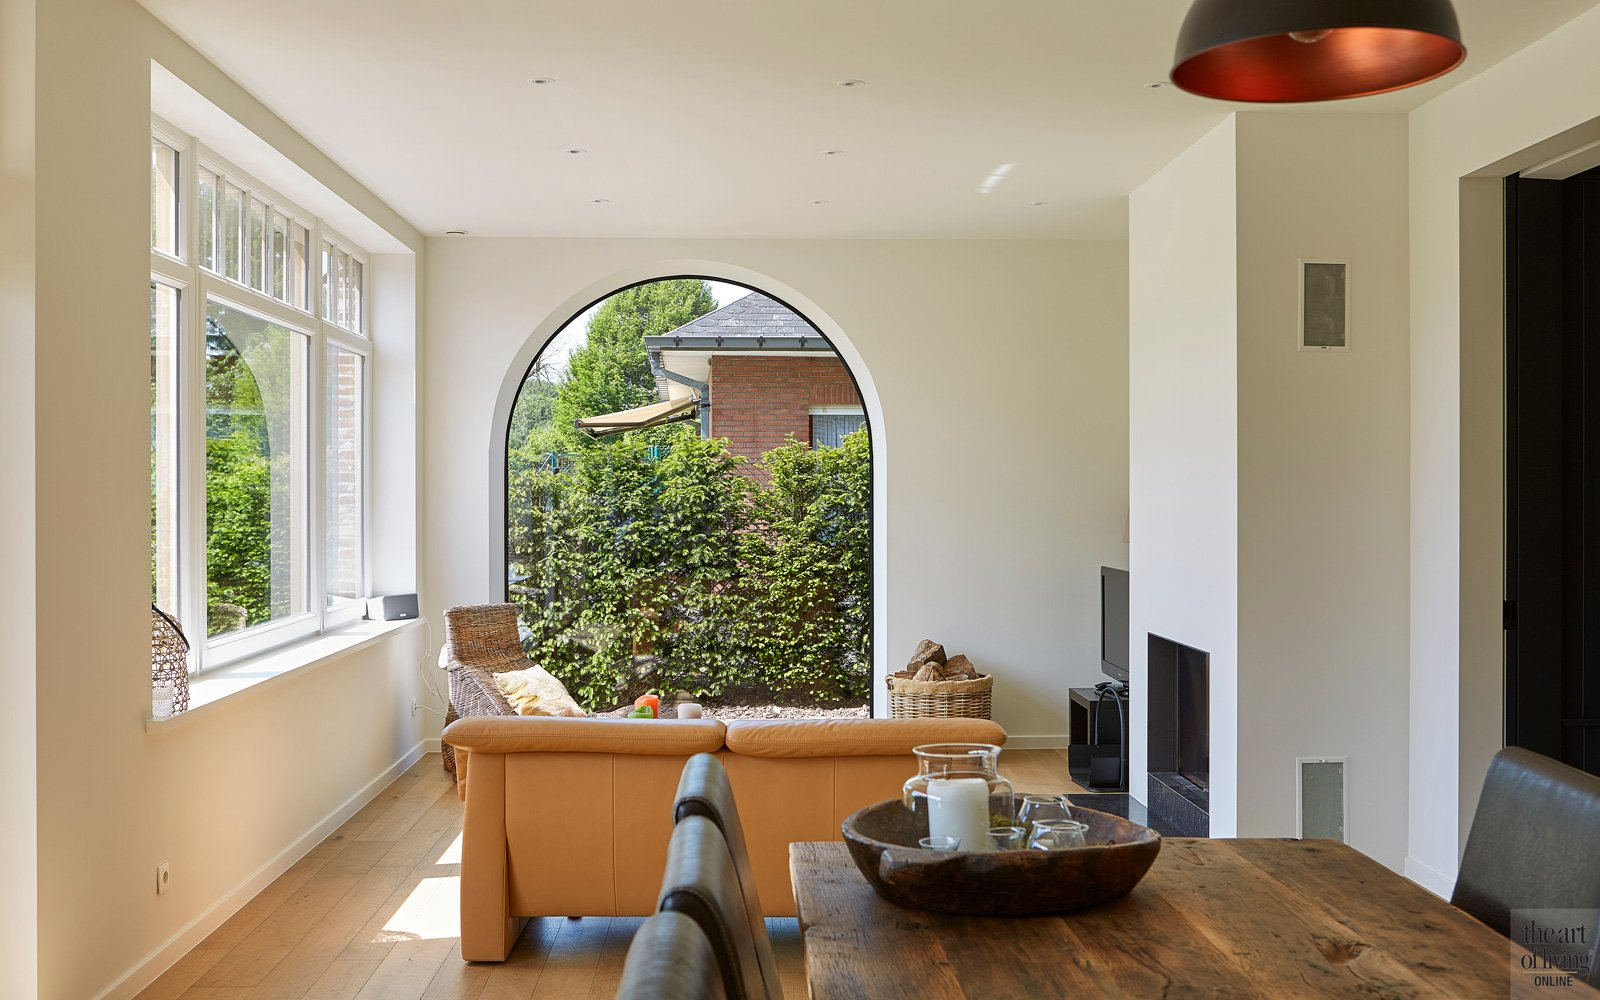 Panoramisch raam, woonkamer, houten vloer, De Waegeneer Parketvloeren